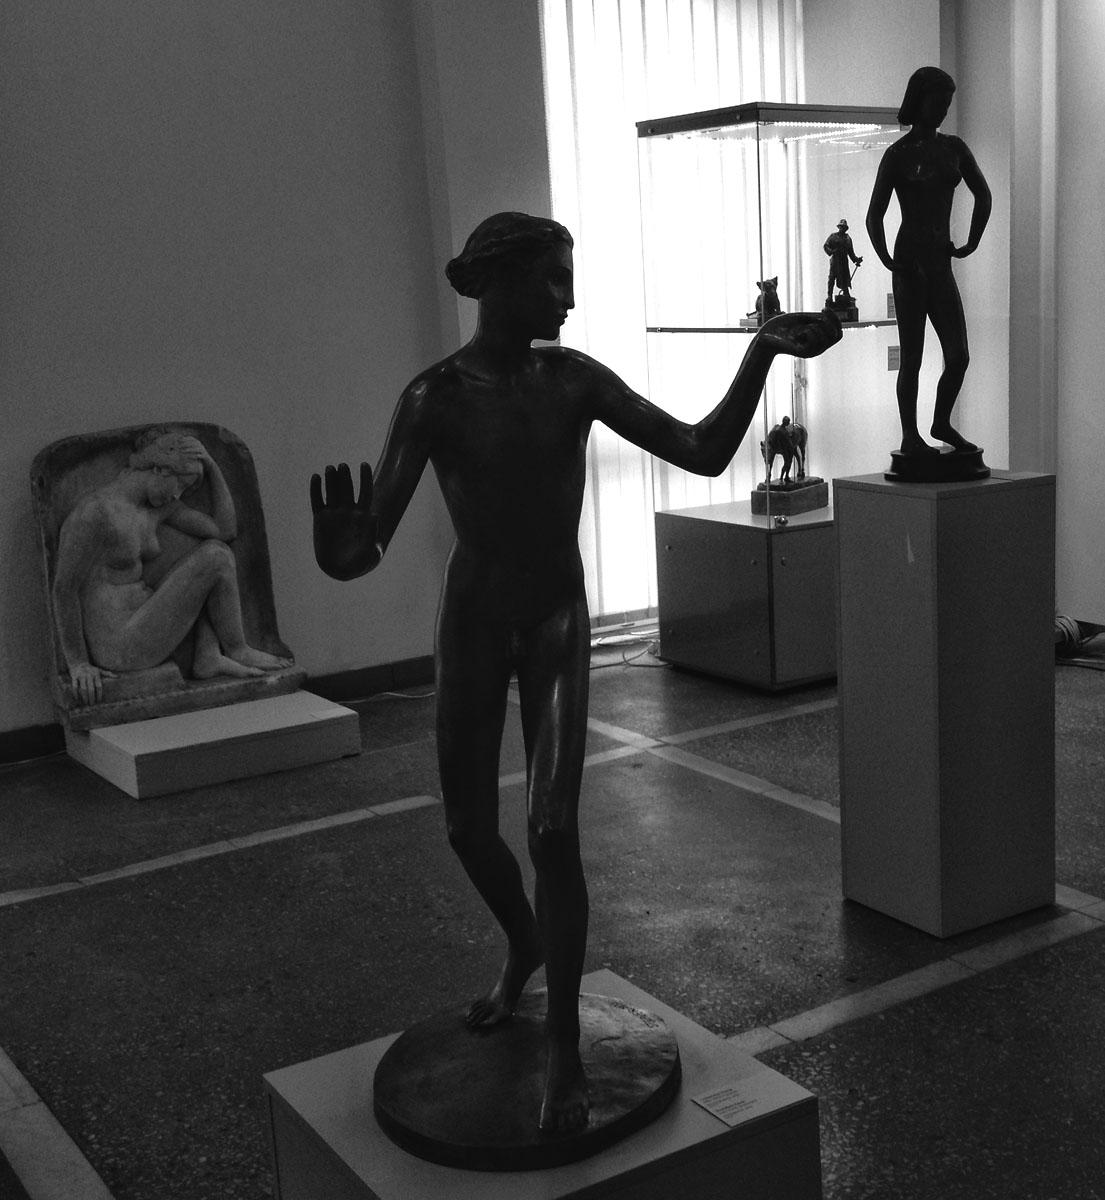 Работы Станислауса Кауэра в зале Калининградской художественной галереи